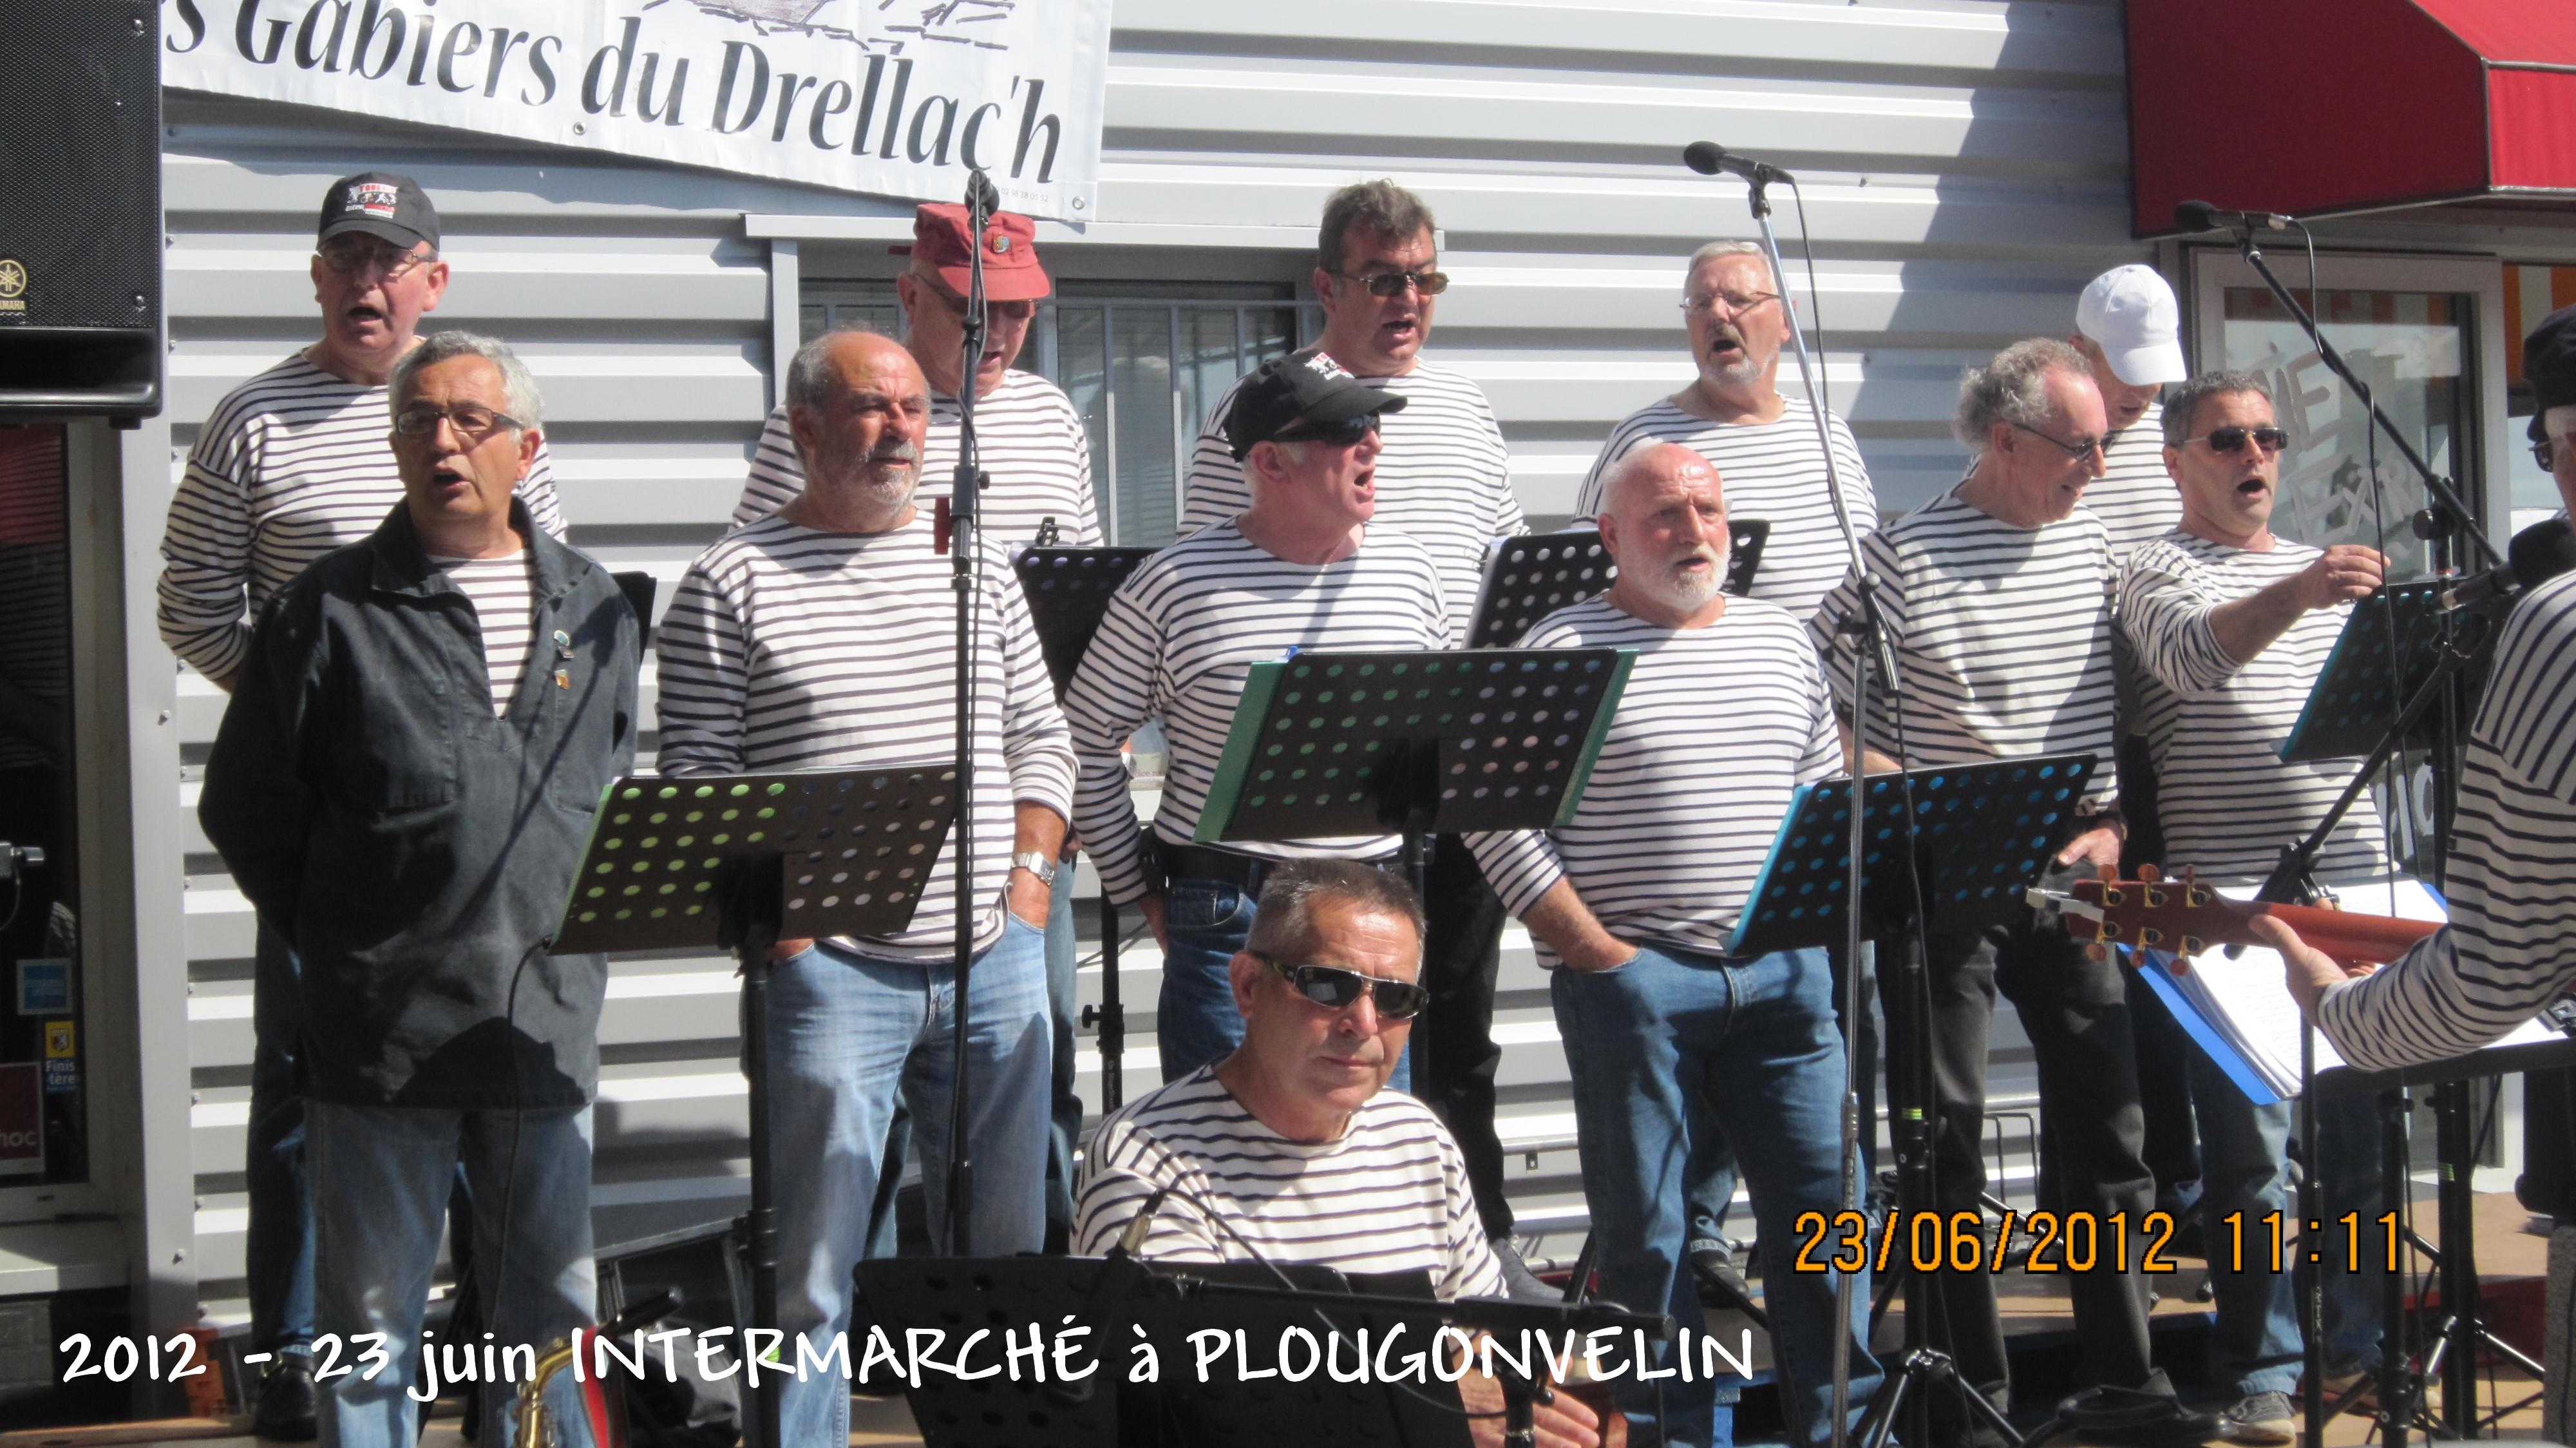 5 - Tonnerres de Brest 2012 Les gabiers du Drellach.jpg